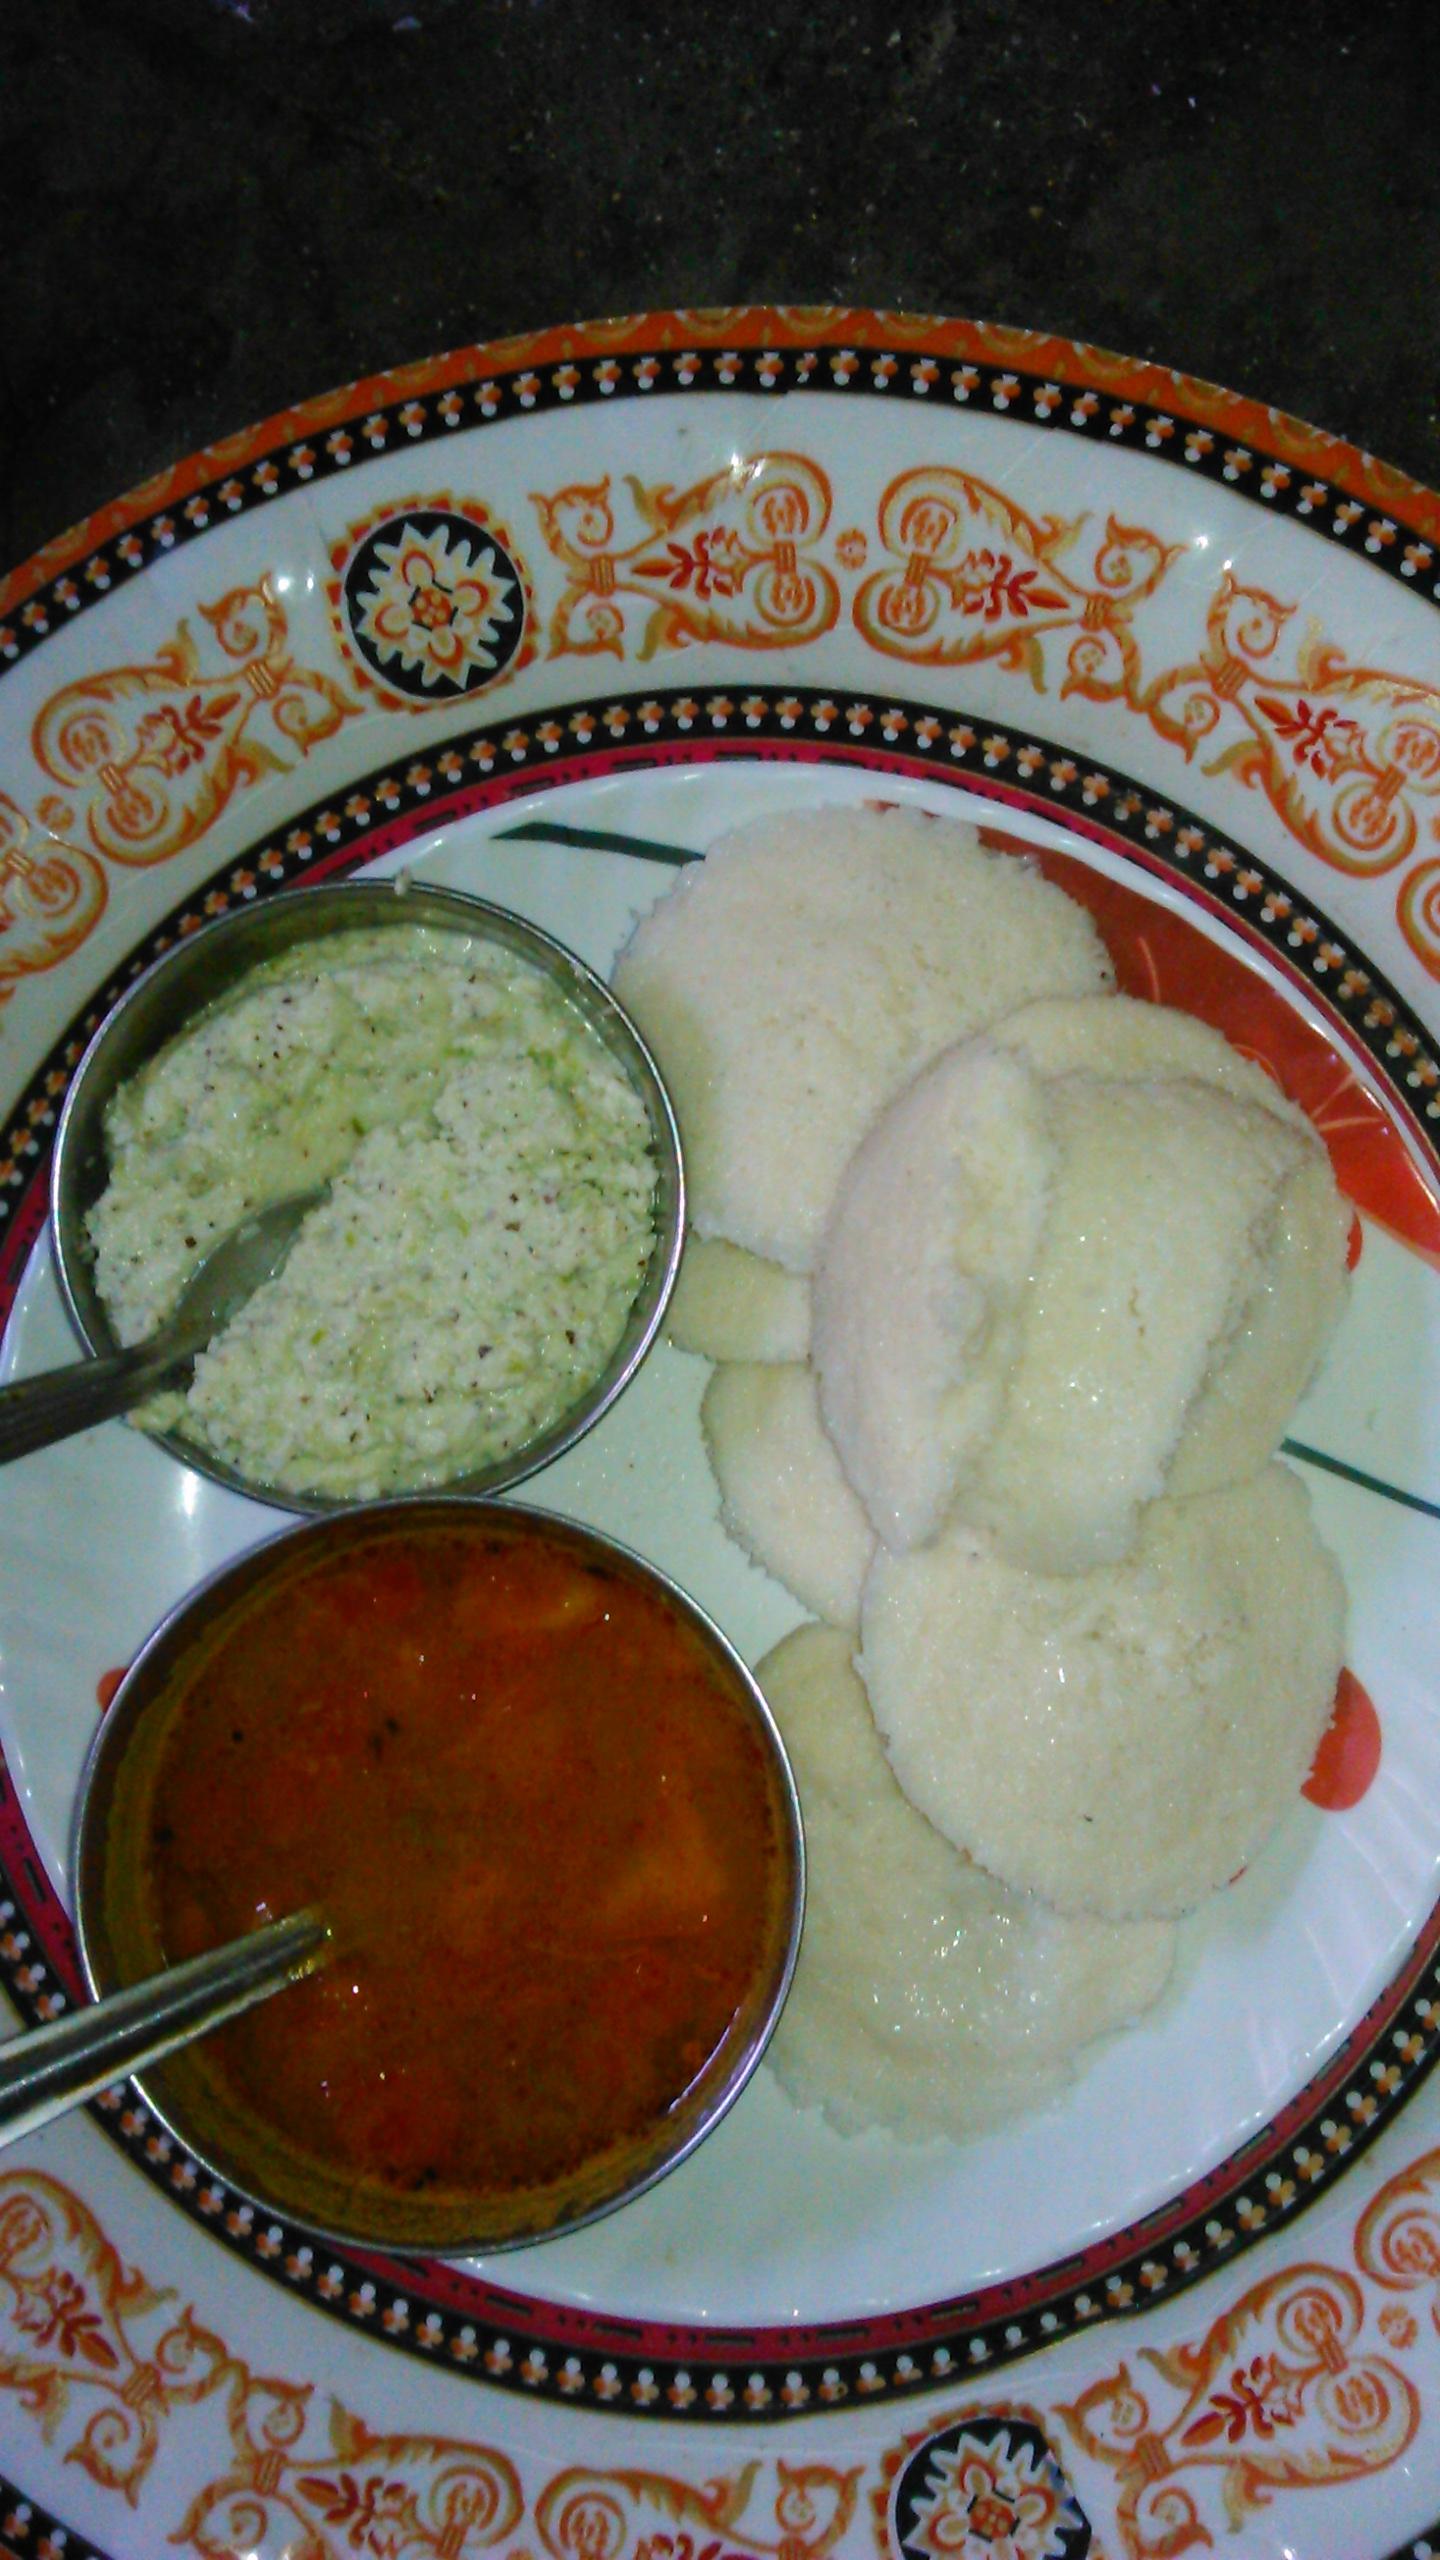 well prepared idali, sambhar & chutney/chhayaonline.com